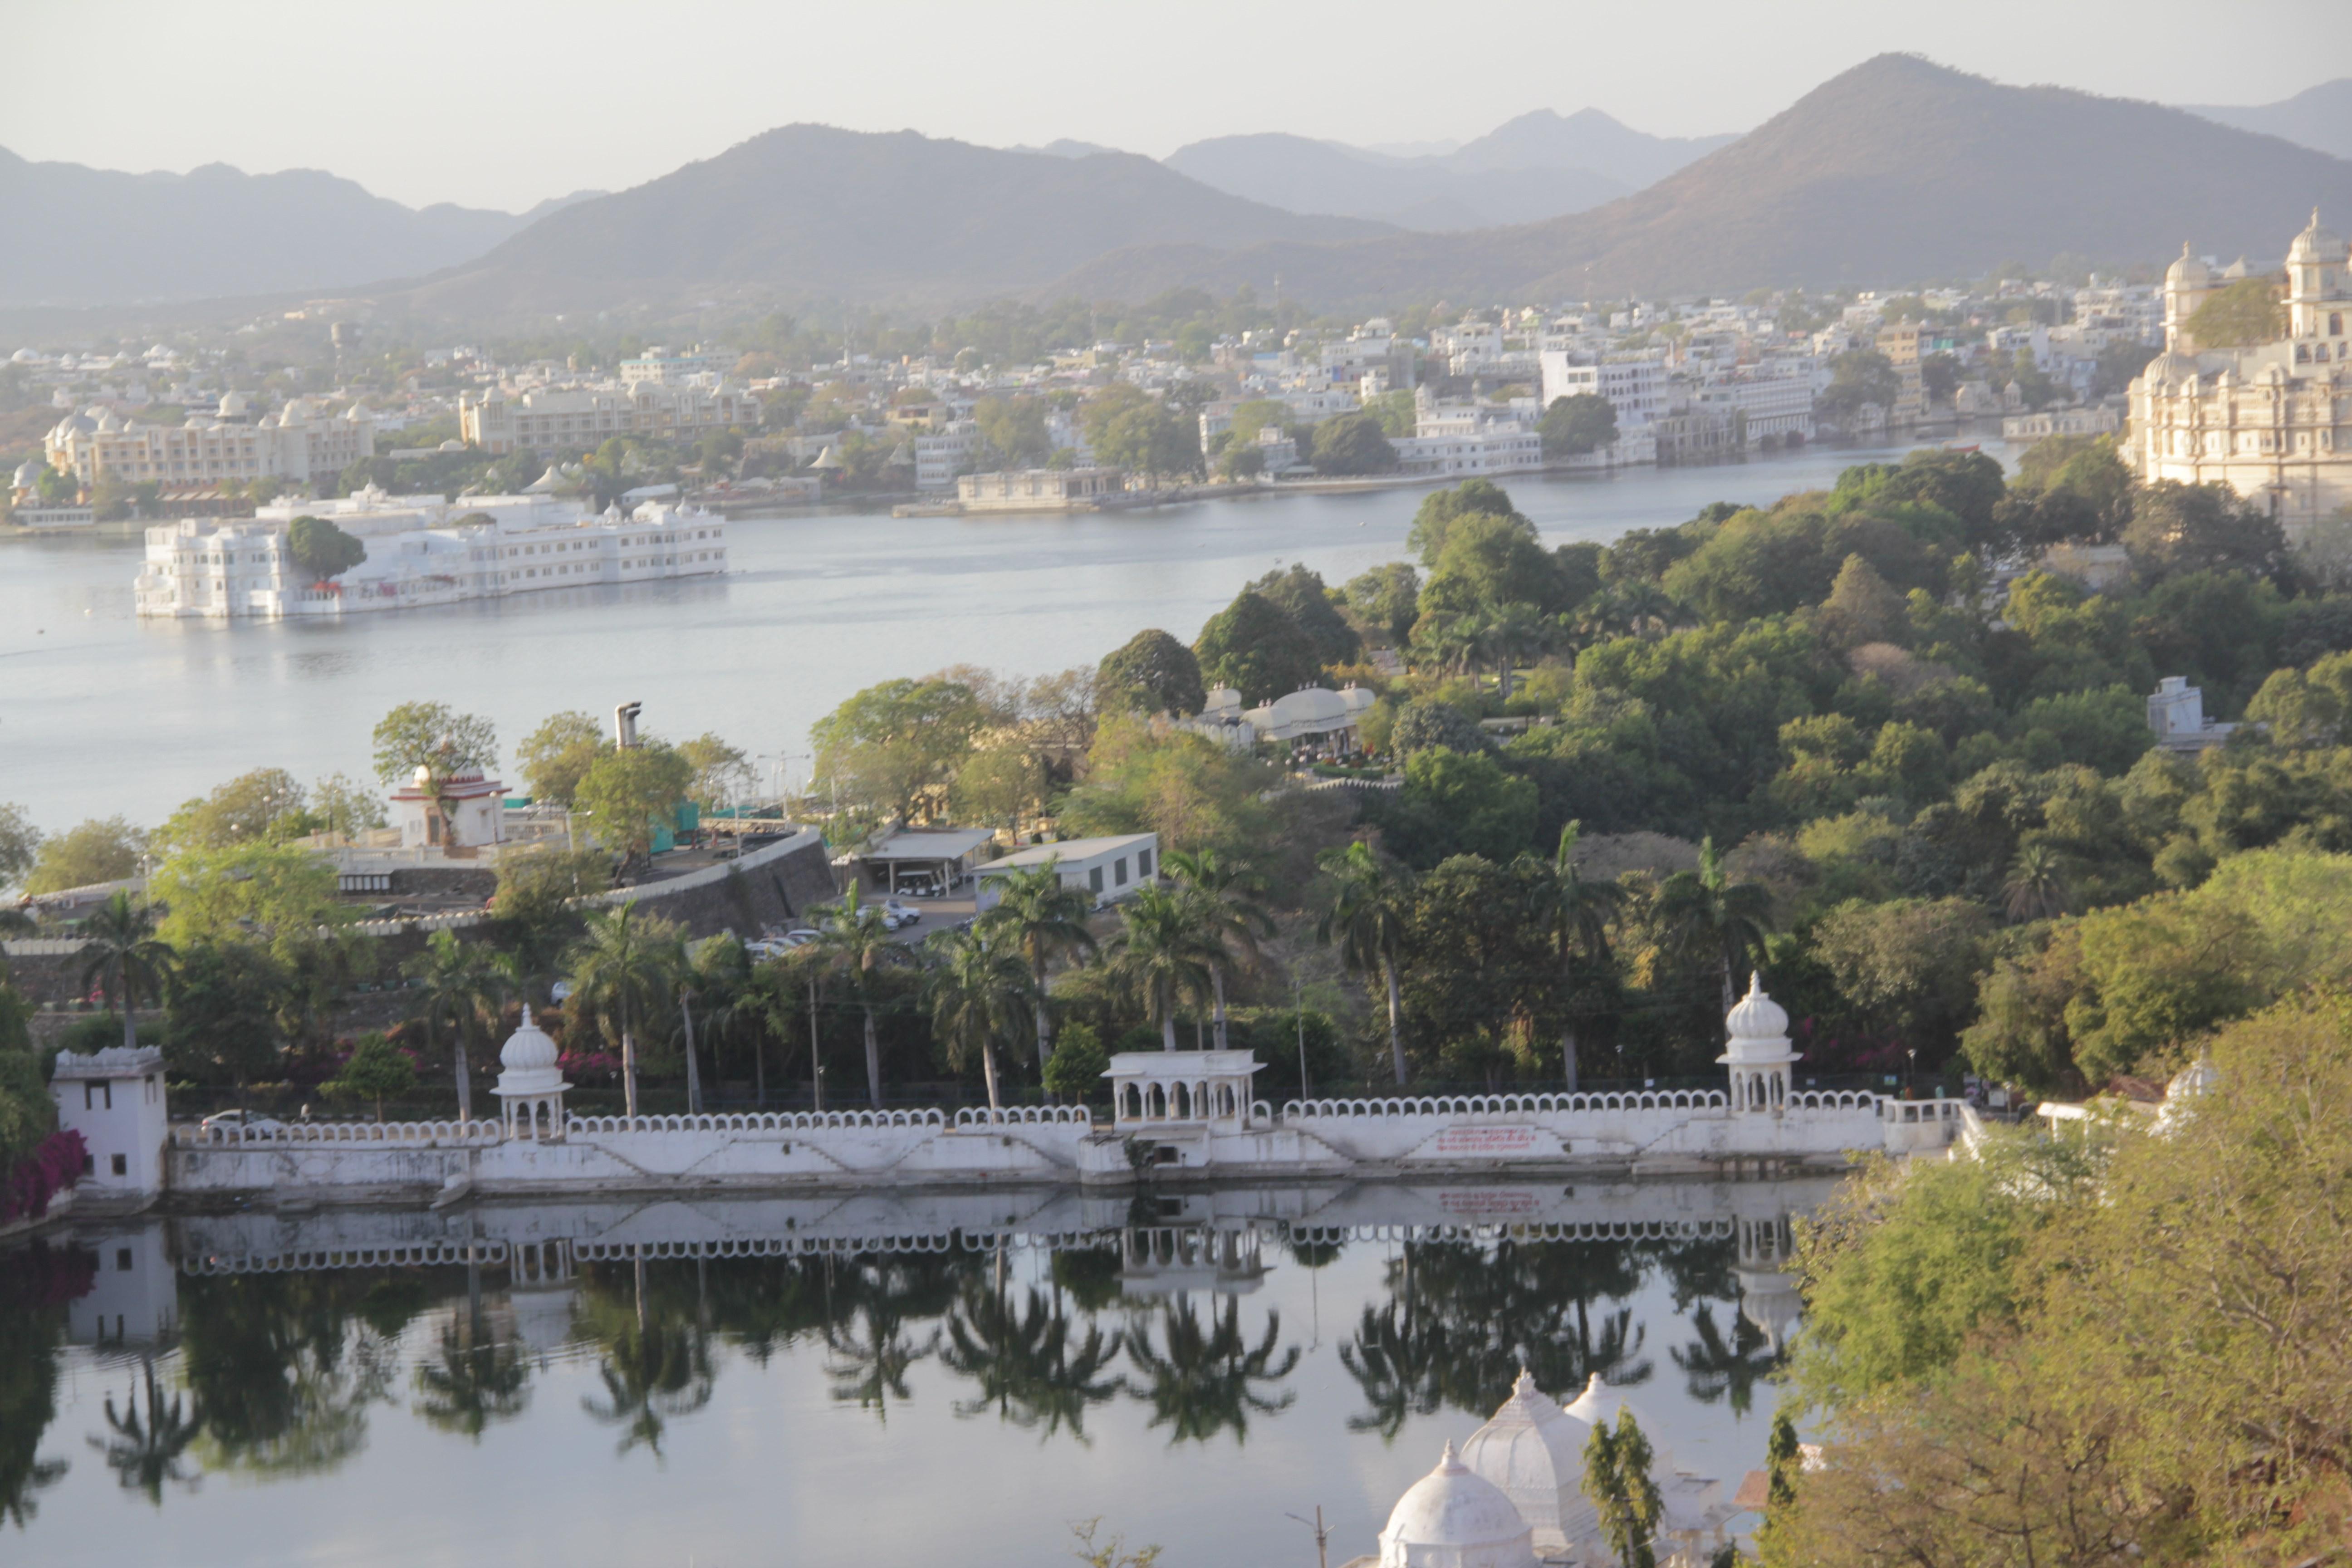 La ville d'Udaipur depuis le téléphérique, avec sur l'eau, à gauche, le très luxueux Lake palace (© Jérôme Decoster).